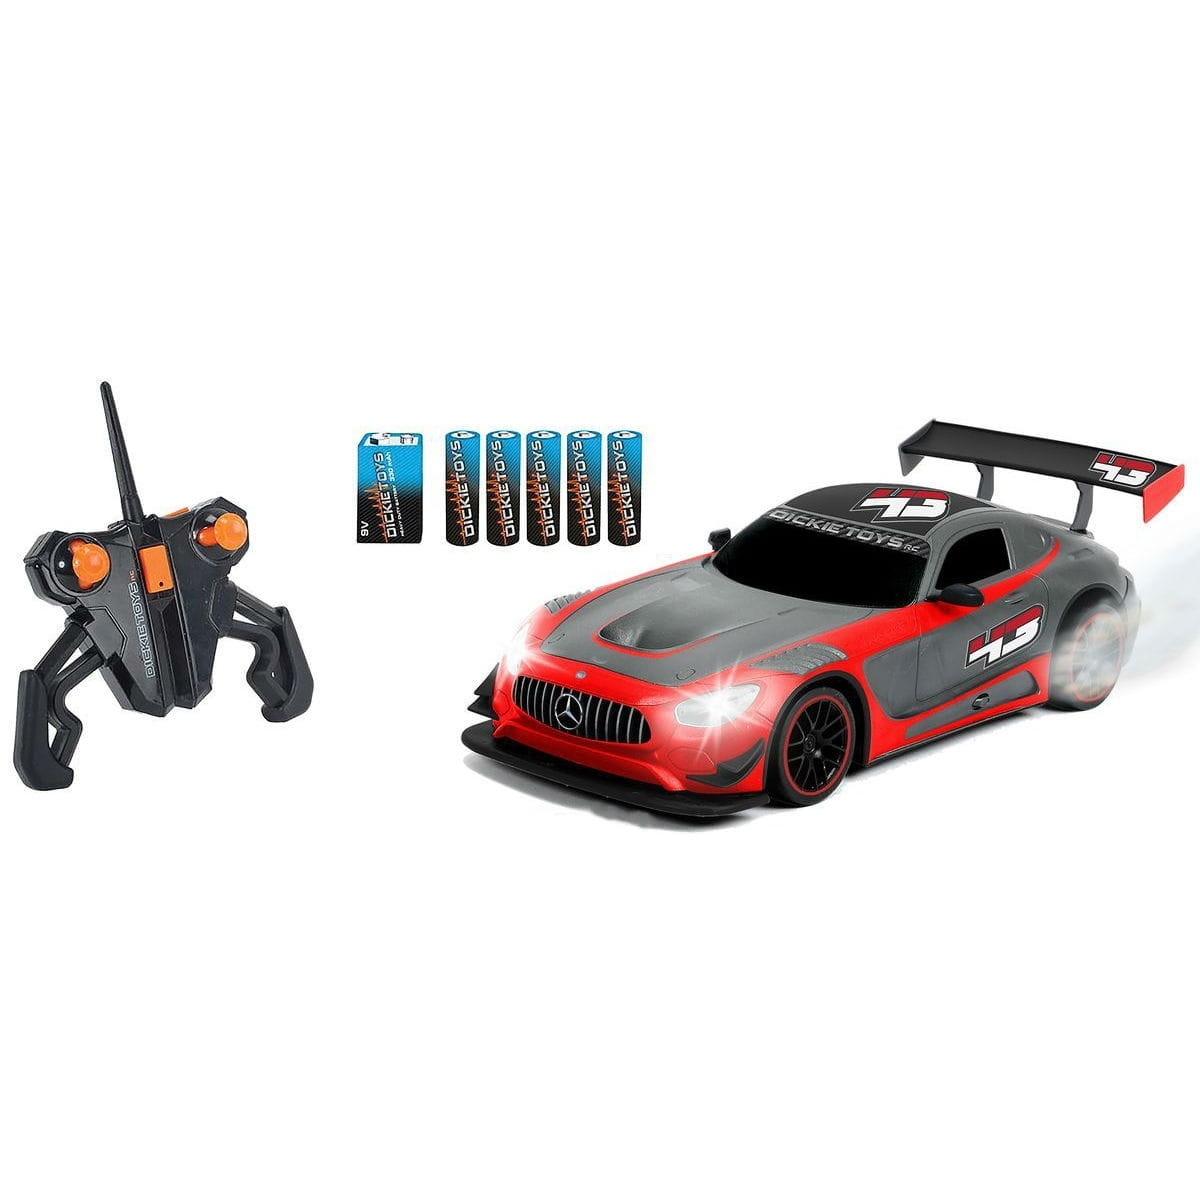 Радиоуправляемый автомобиль Dickie Mercedes-AMG GT3 с дымом - Радиоуправляемые игрушки